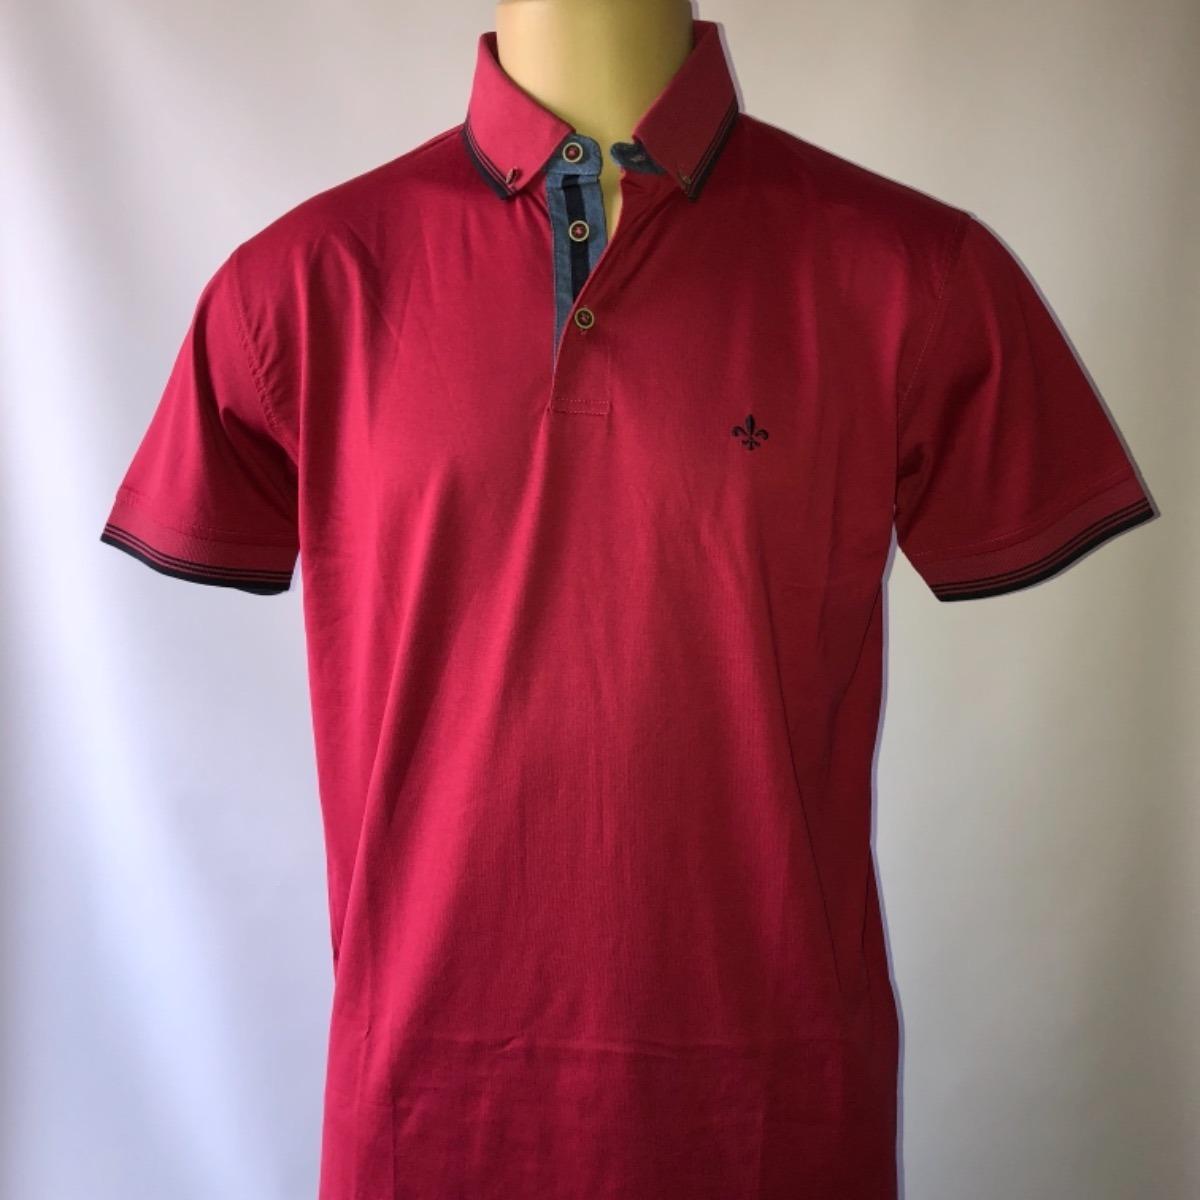 camisa polo dudalina sport pima comfort fit original. Carregando zoom. 1d2e0b419ca85